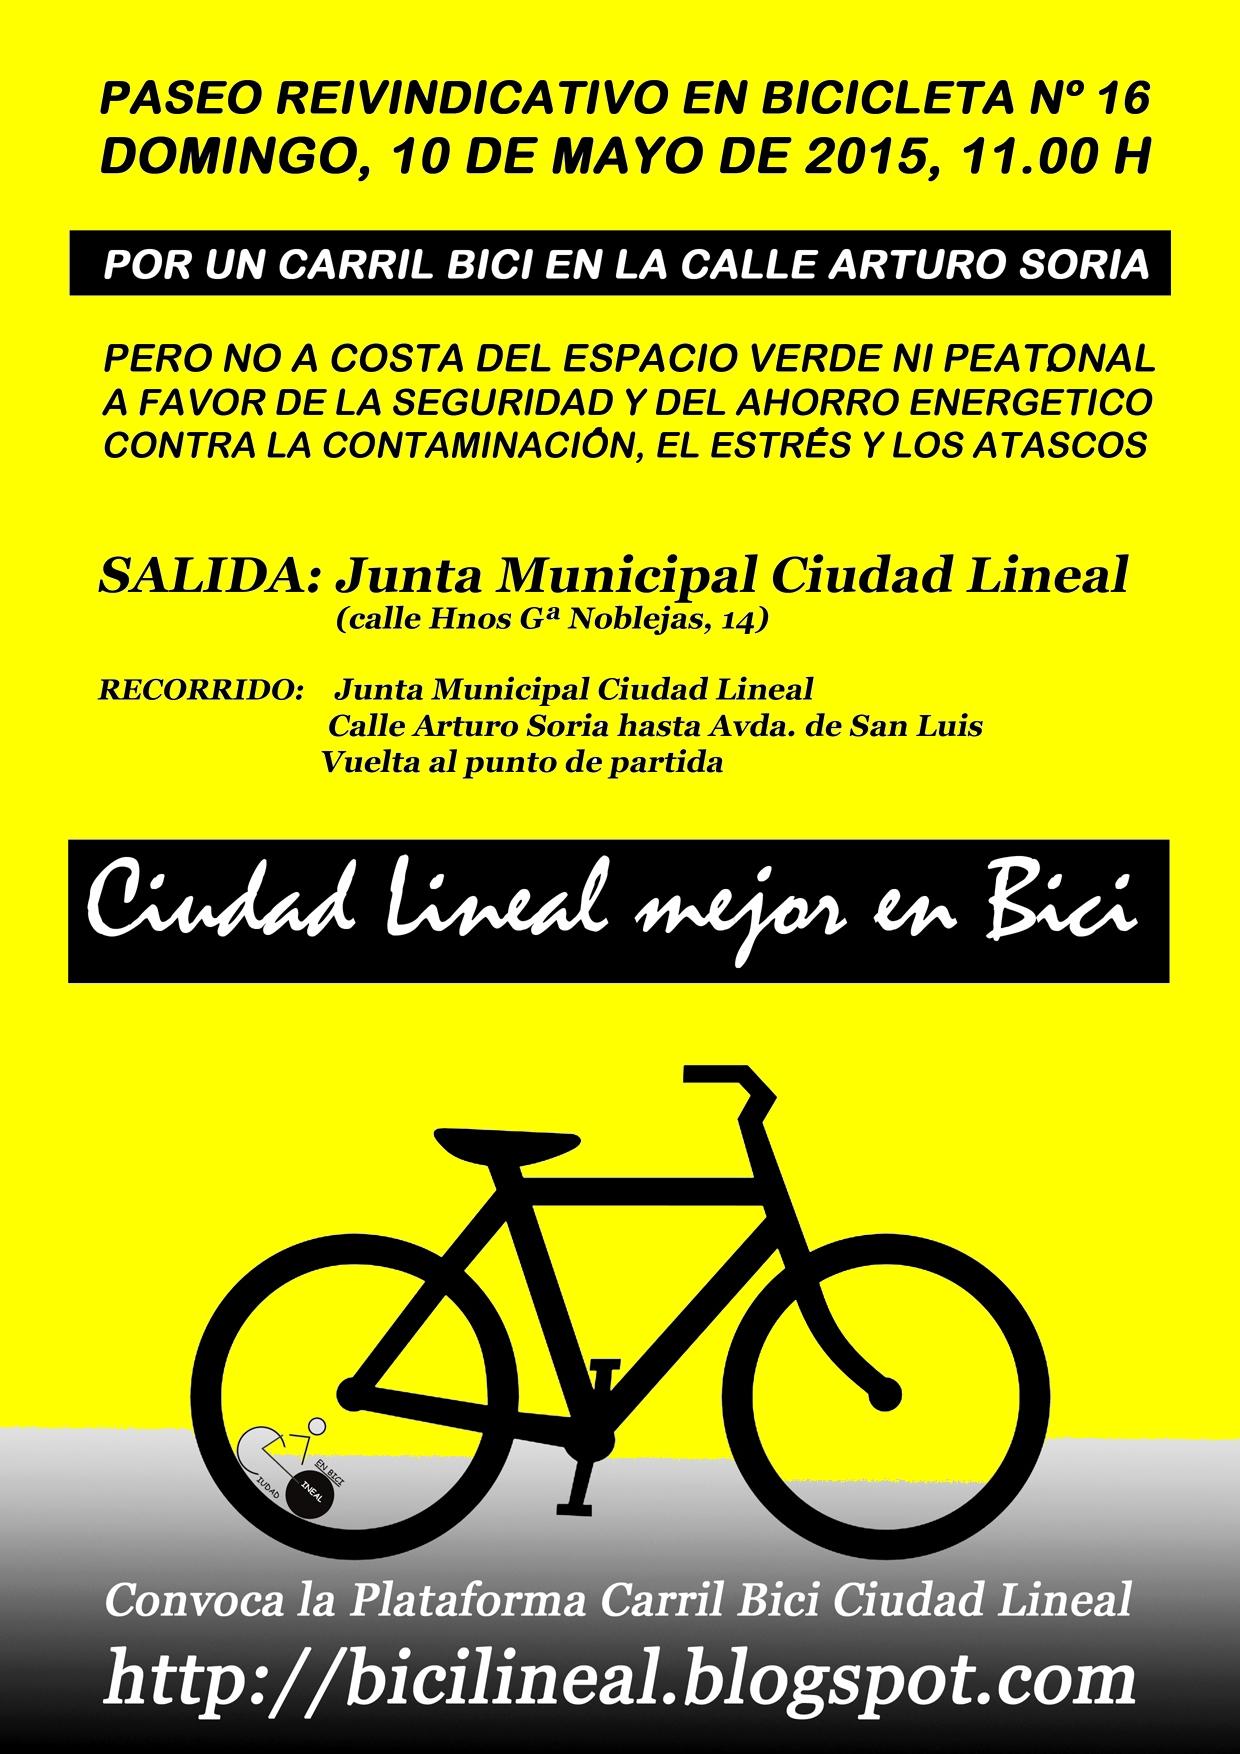 XVI Paseo reivindicativo en bicicleta por Arturo Soria   Asociación ...